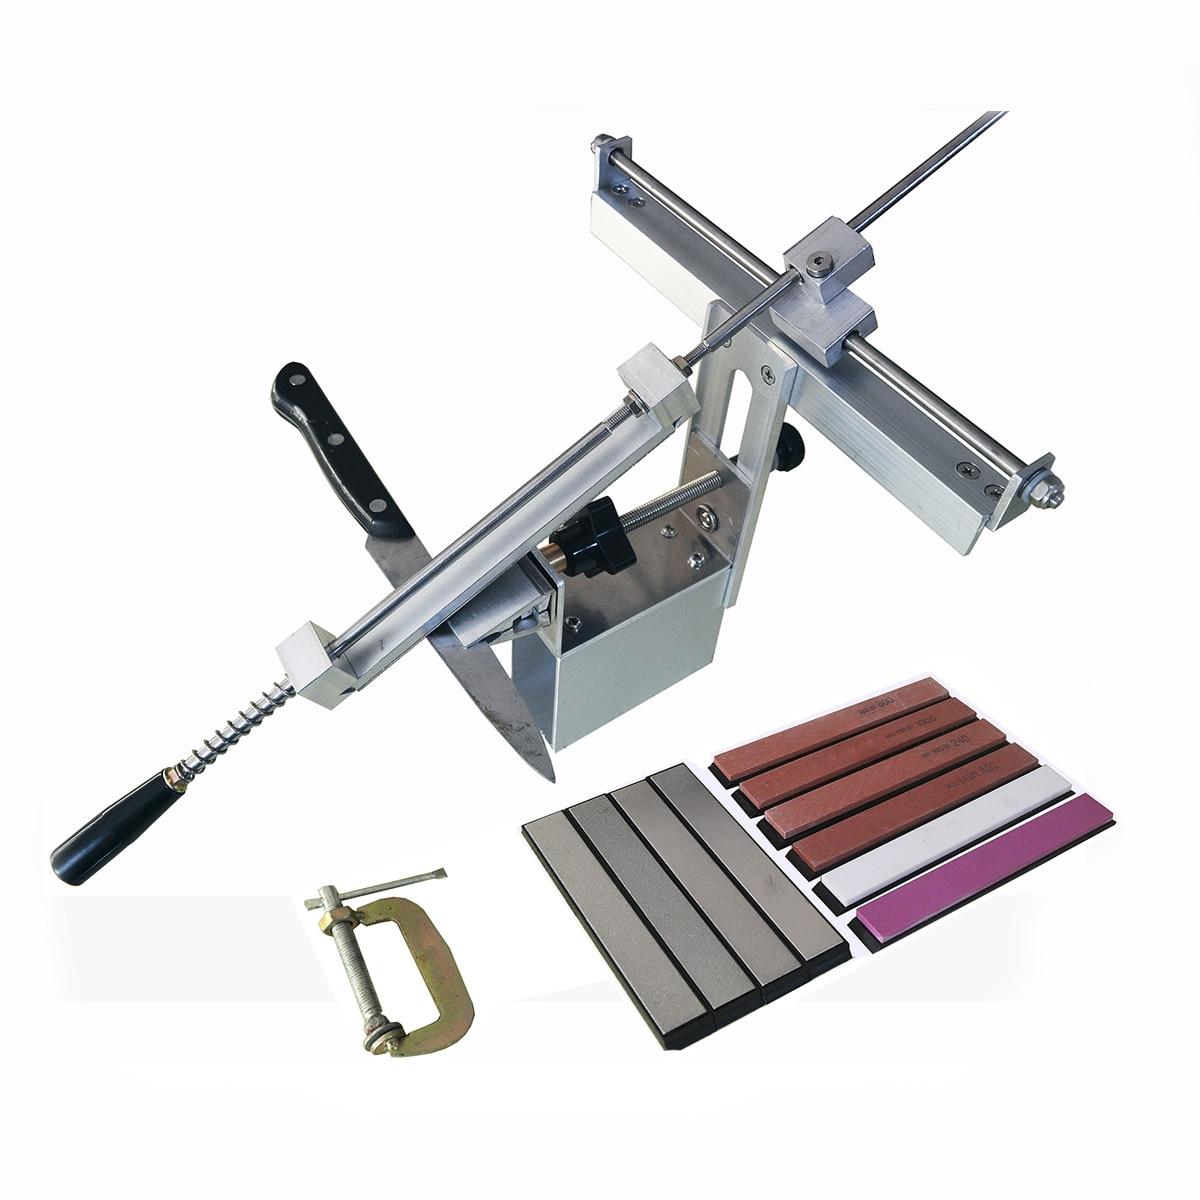 KME II سكين مبراة المهنية طاحونة لشحذ المهنة سكين طحن نظام أبيكس حافة سكين مبراة 1 الماس-في أدوات السّن من المنزل والحديقة على  مجموعة 1